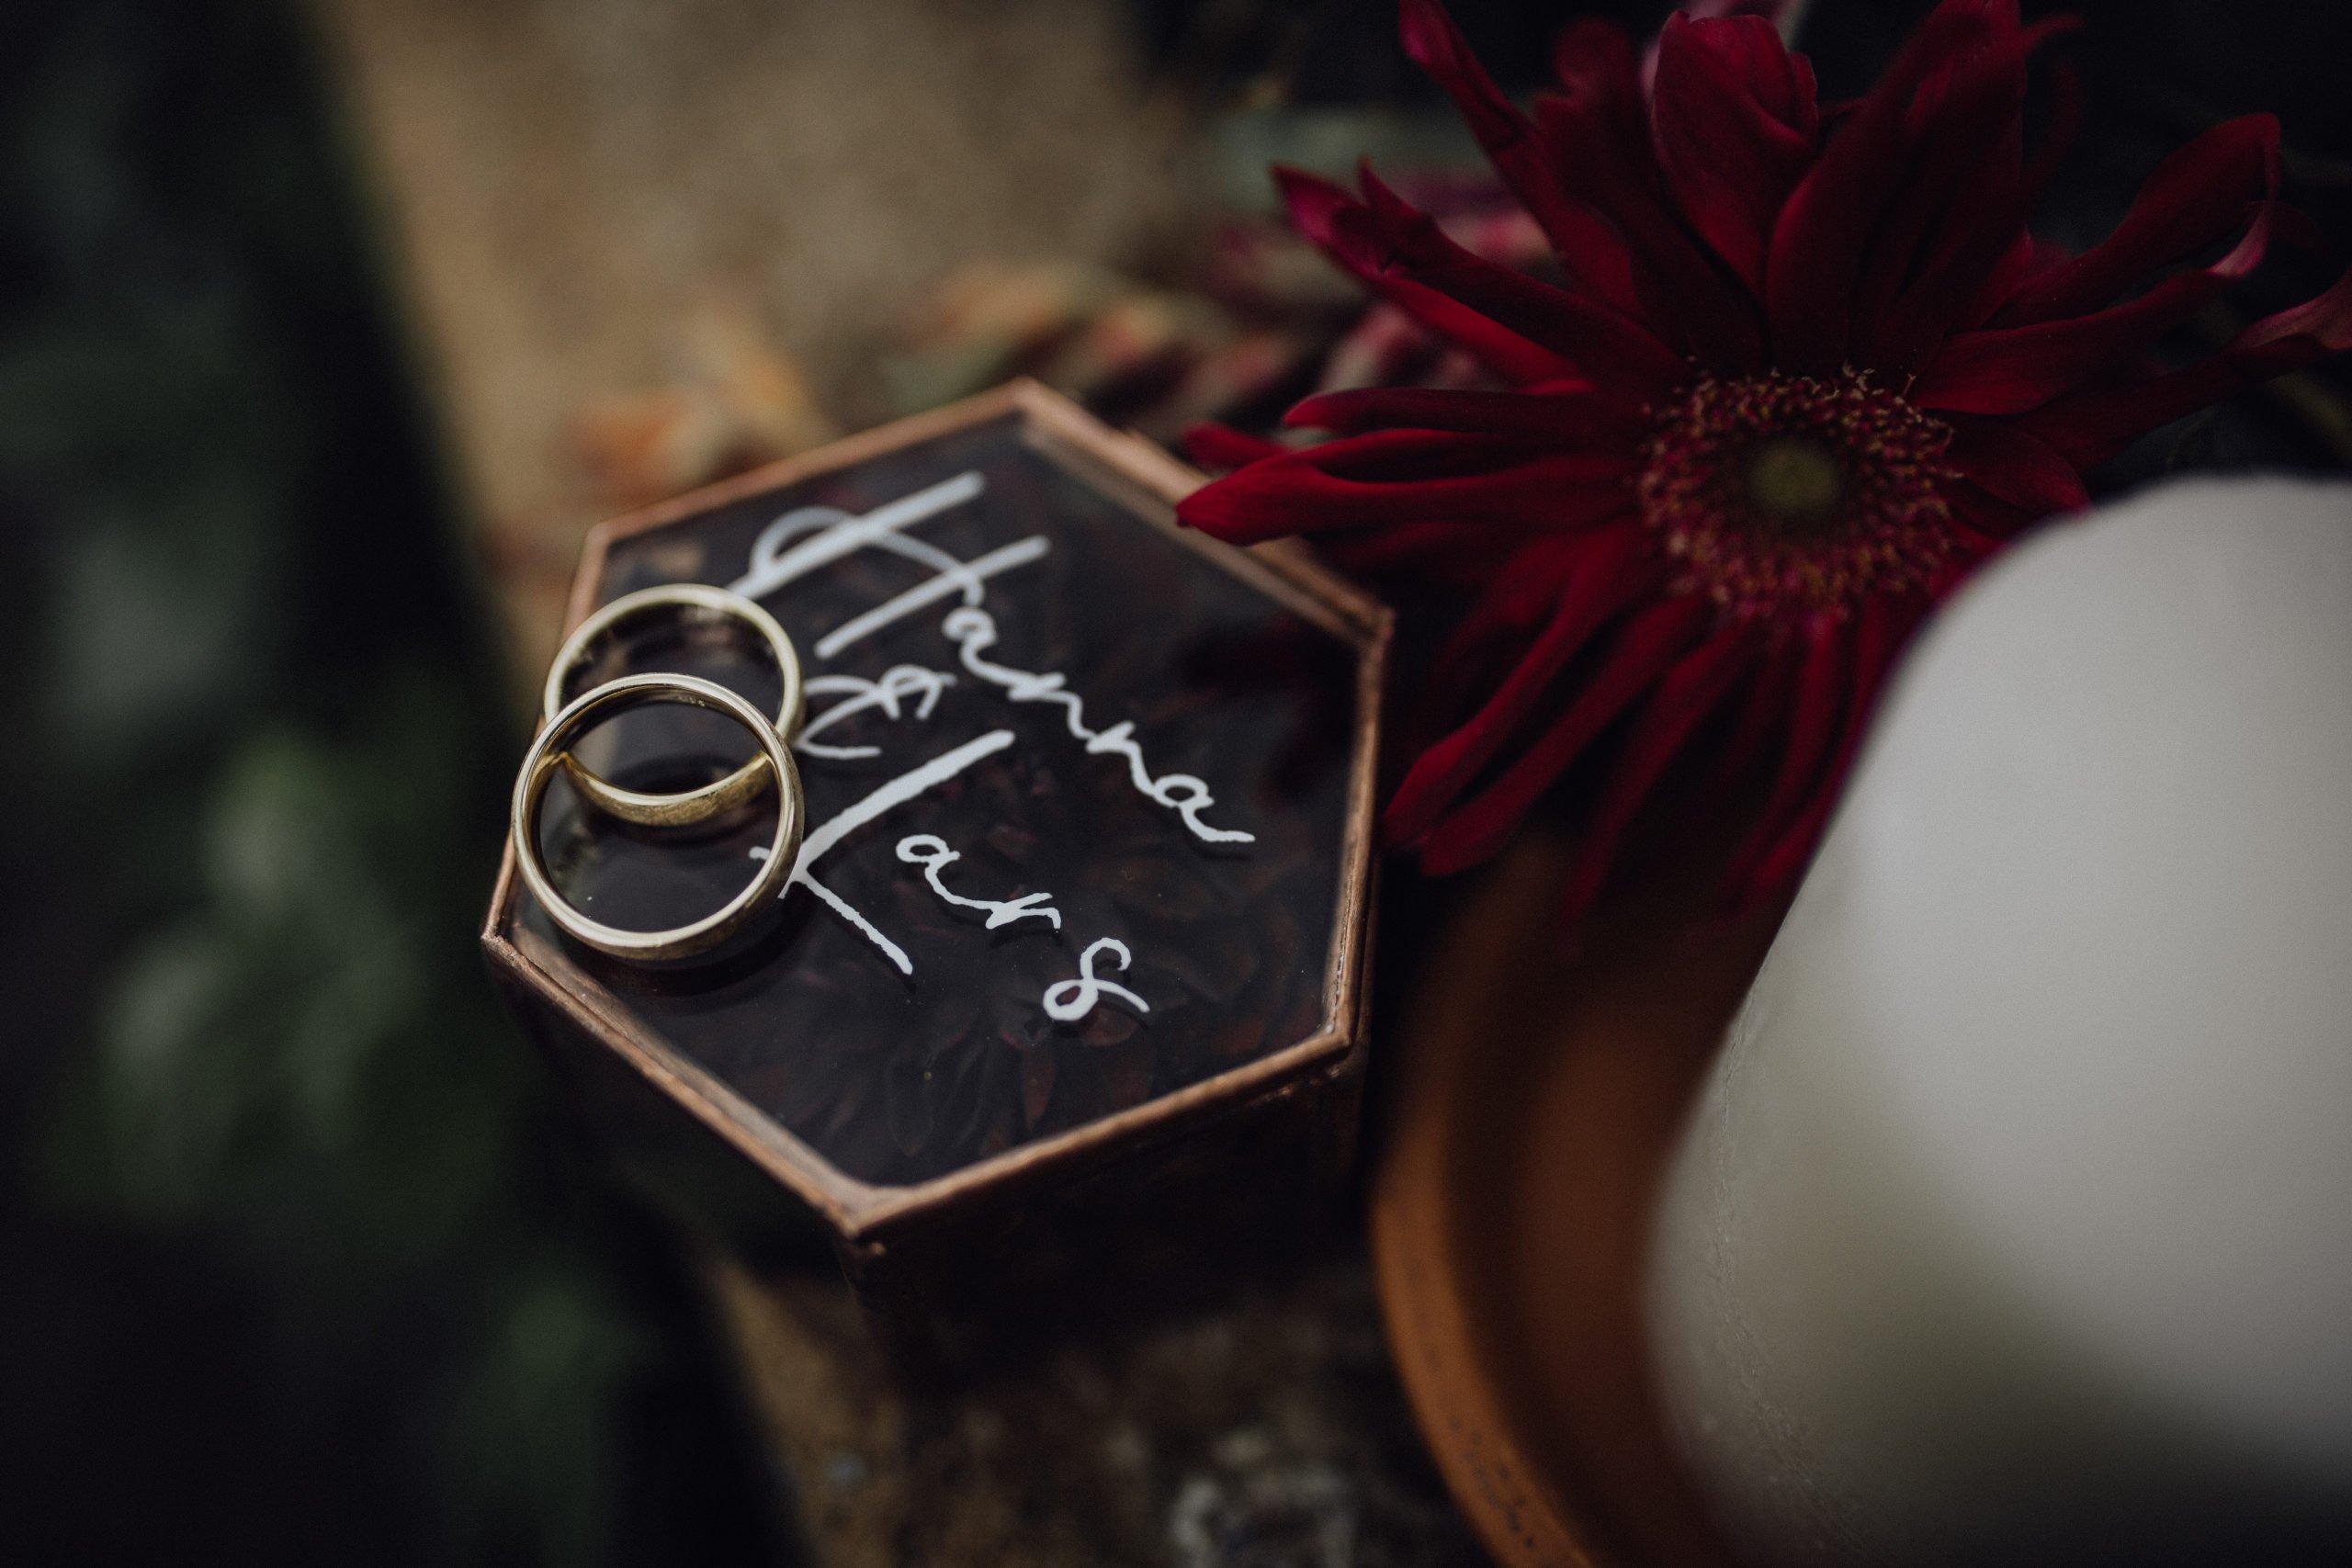 Eheringe liegen auf personalisierten Ringkästchen